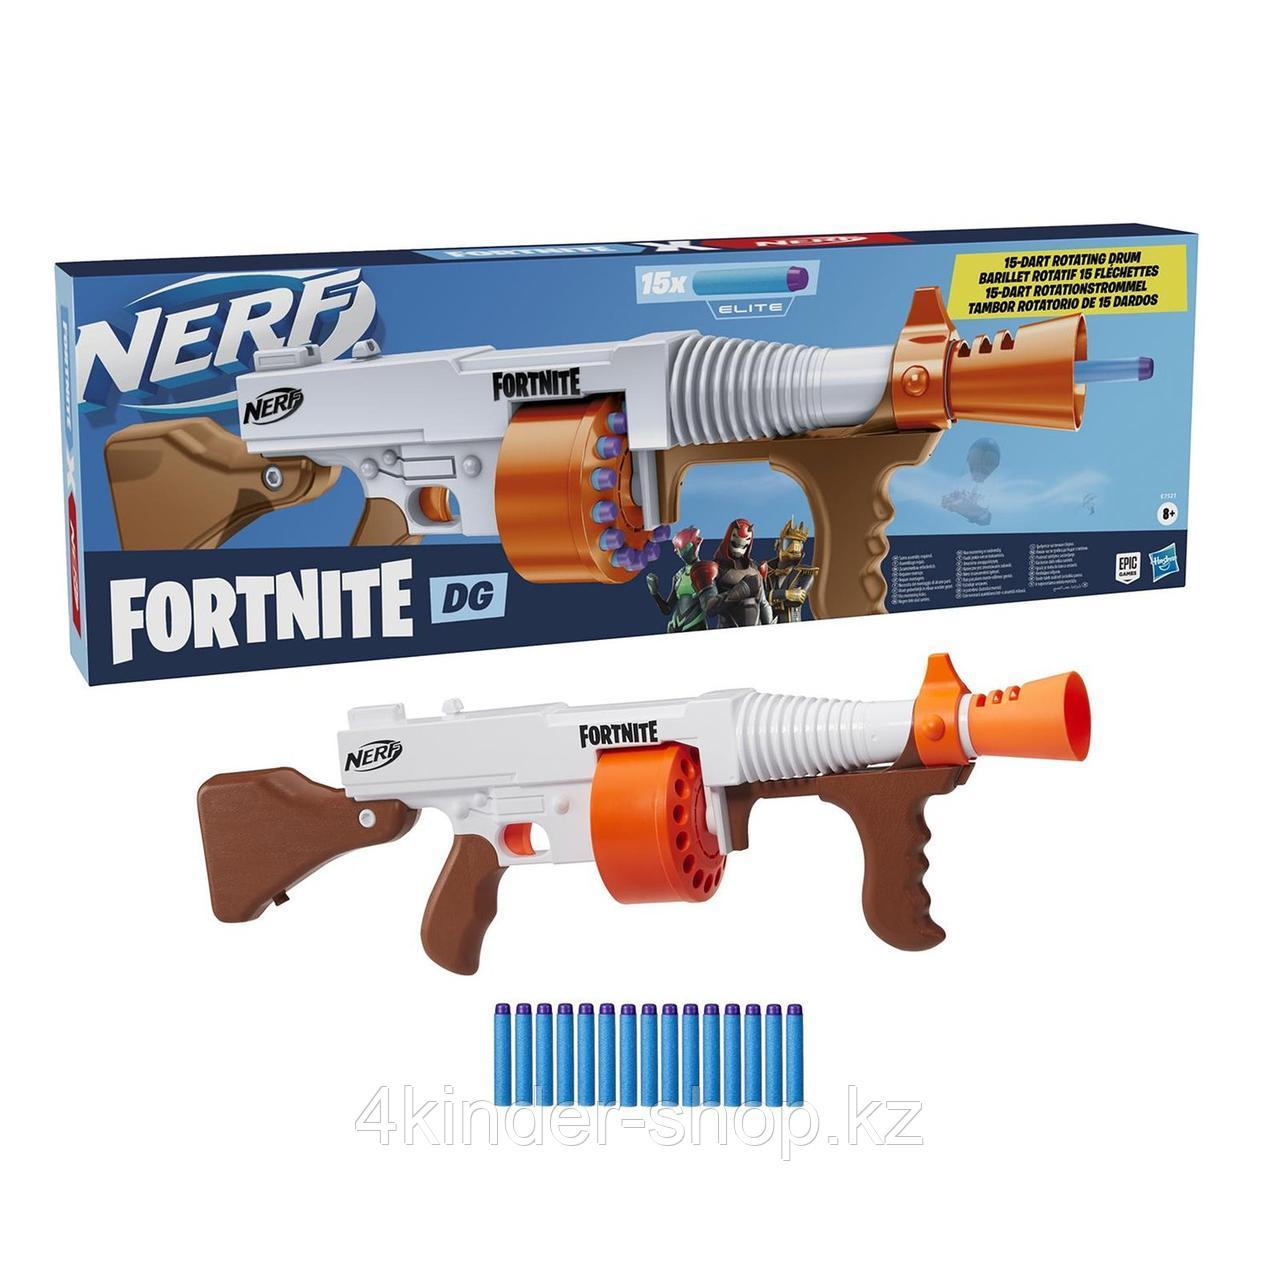 Набор игровой Nerf Фортнайт ДиДжи E7521EU4 - фото 1